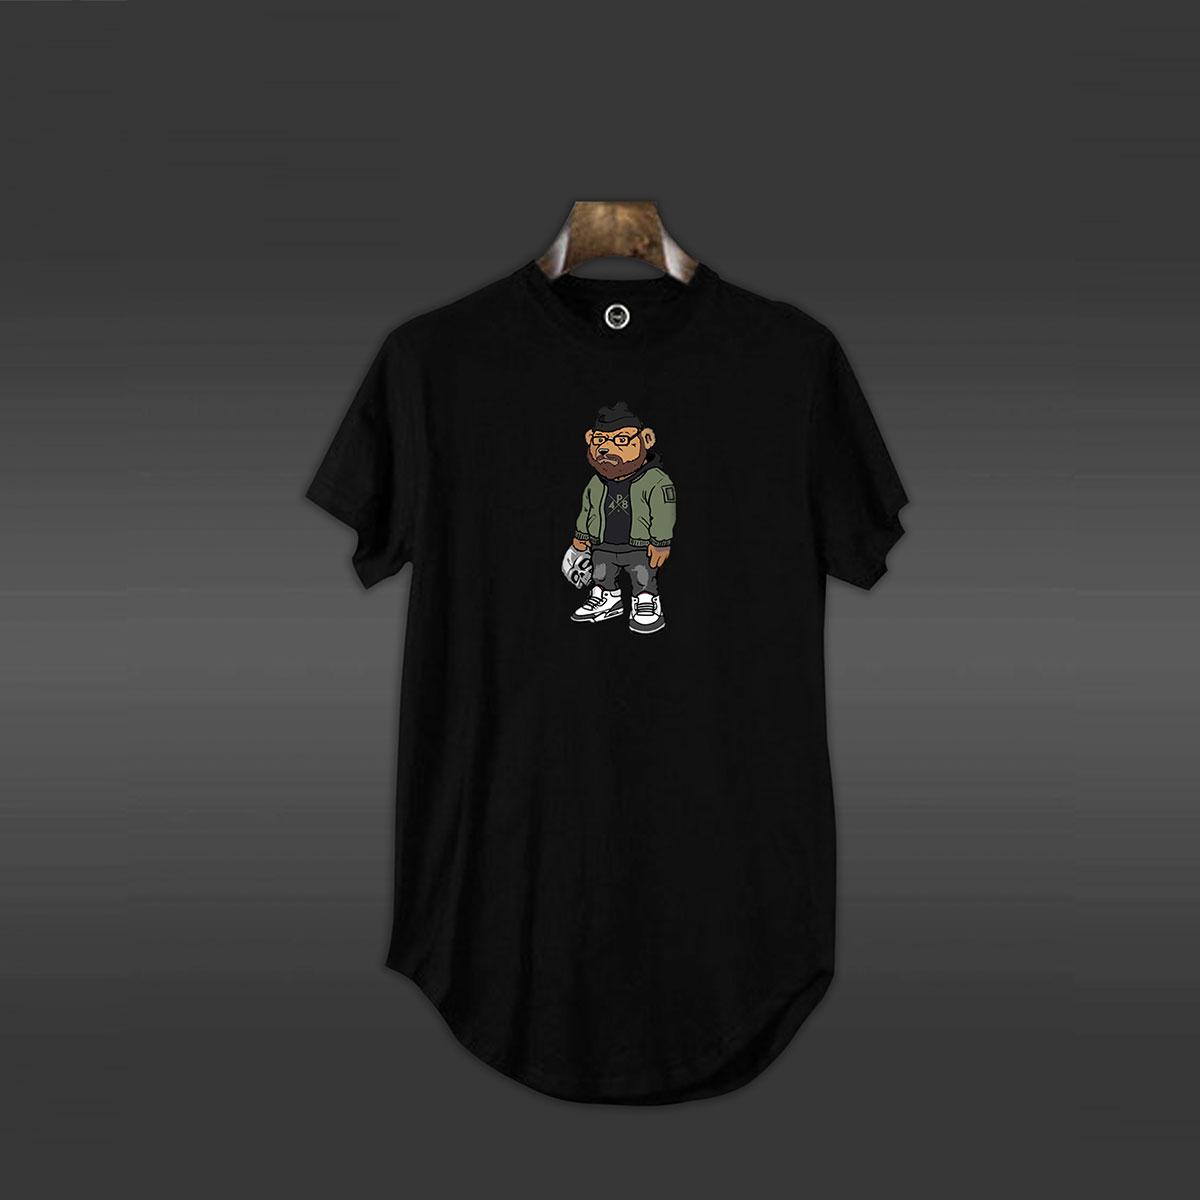 P48 Bear T-shirt - Black